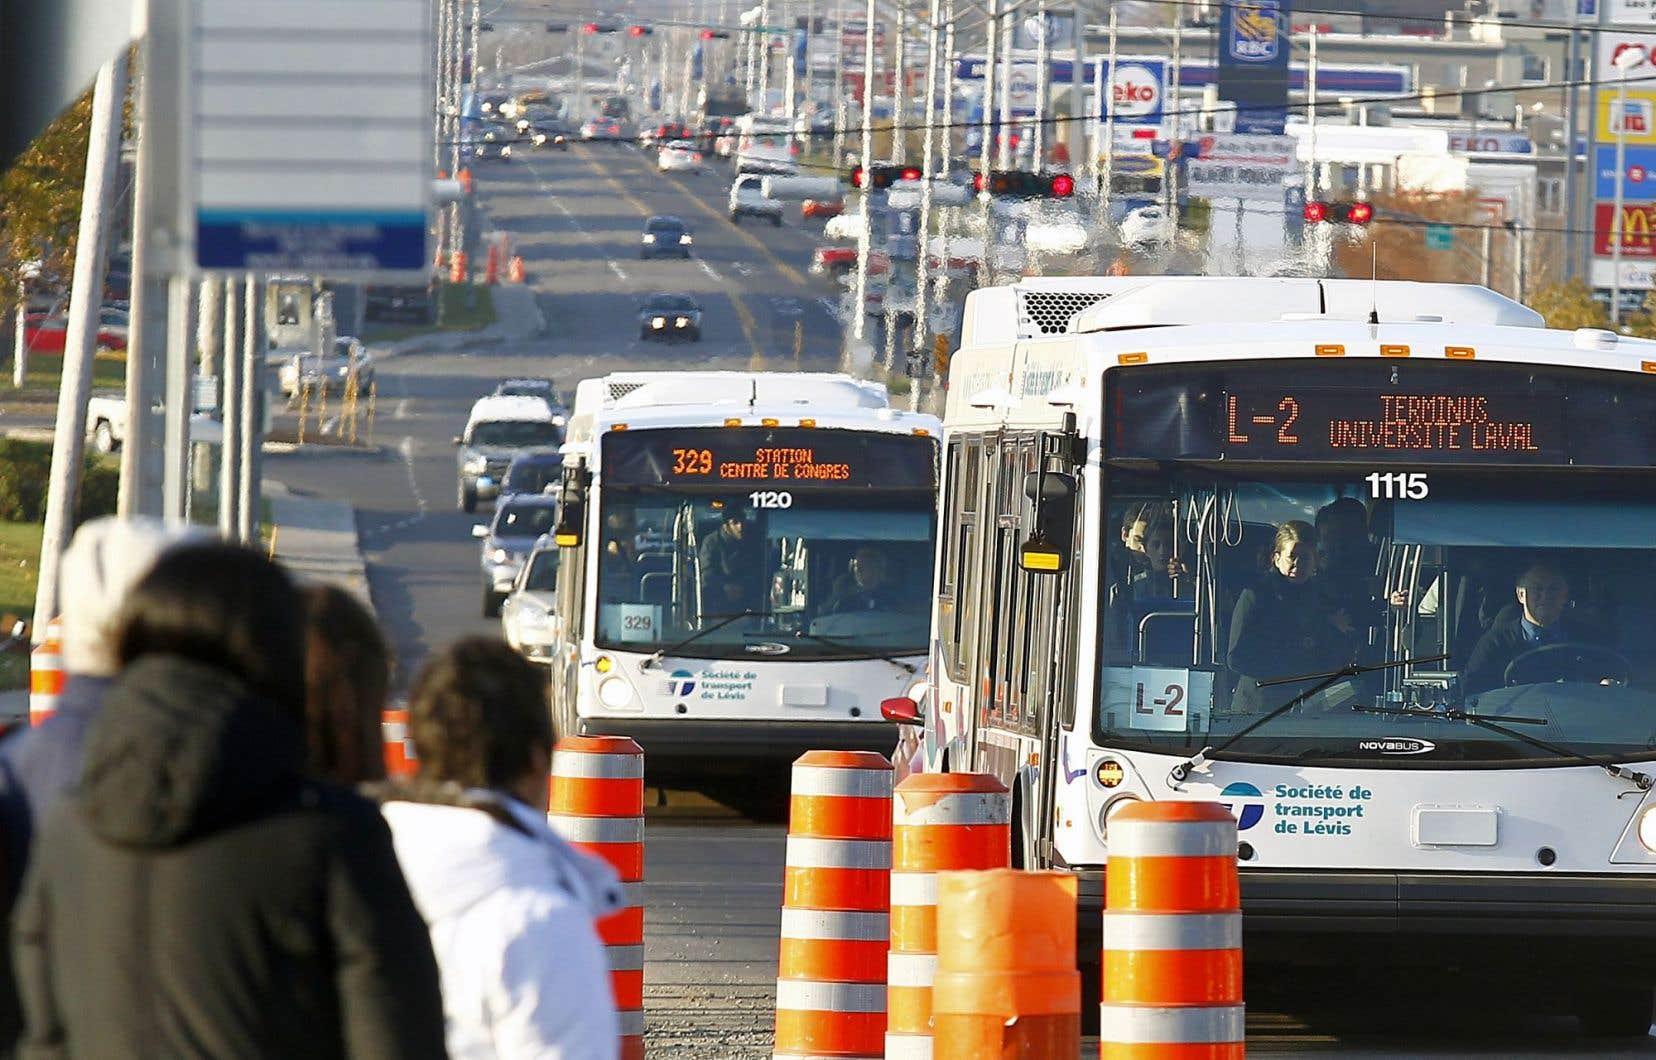 Pendant que les acteurs du milieu attendent l'argent du Fonds vert, on constate depuis 2014 une stagnation de l'achalandage dans les services de transport en commun au Québec.